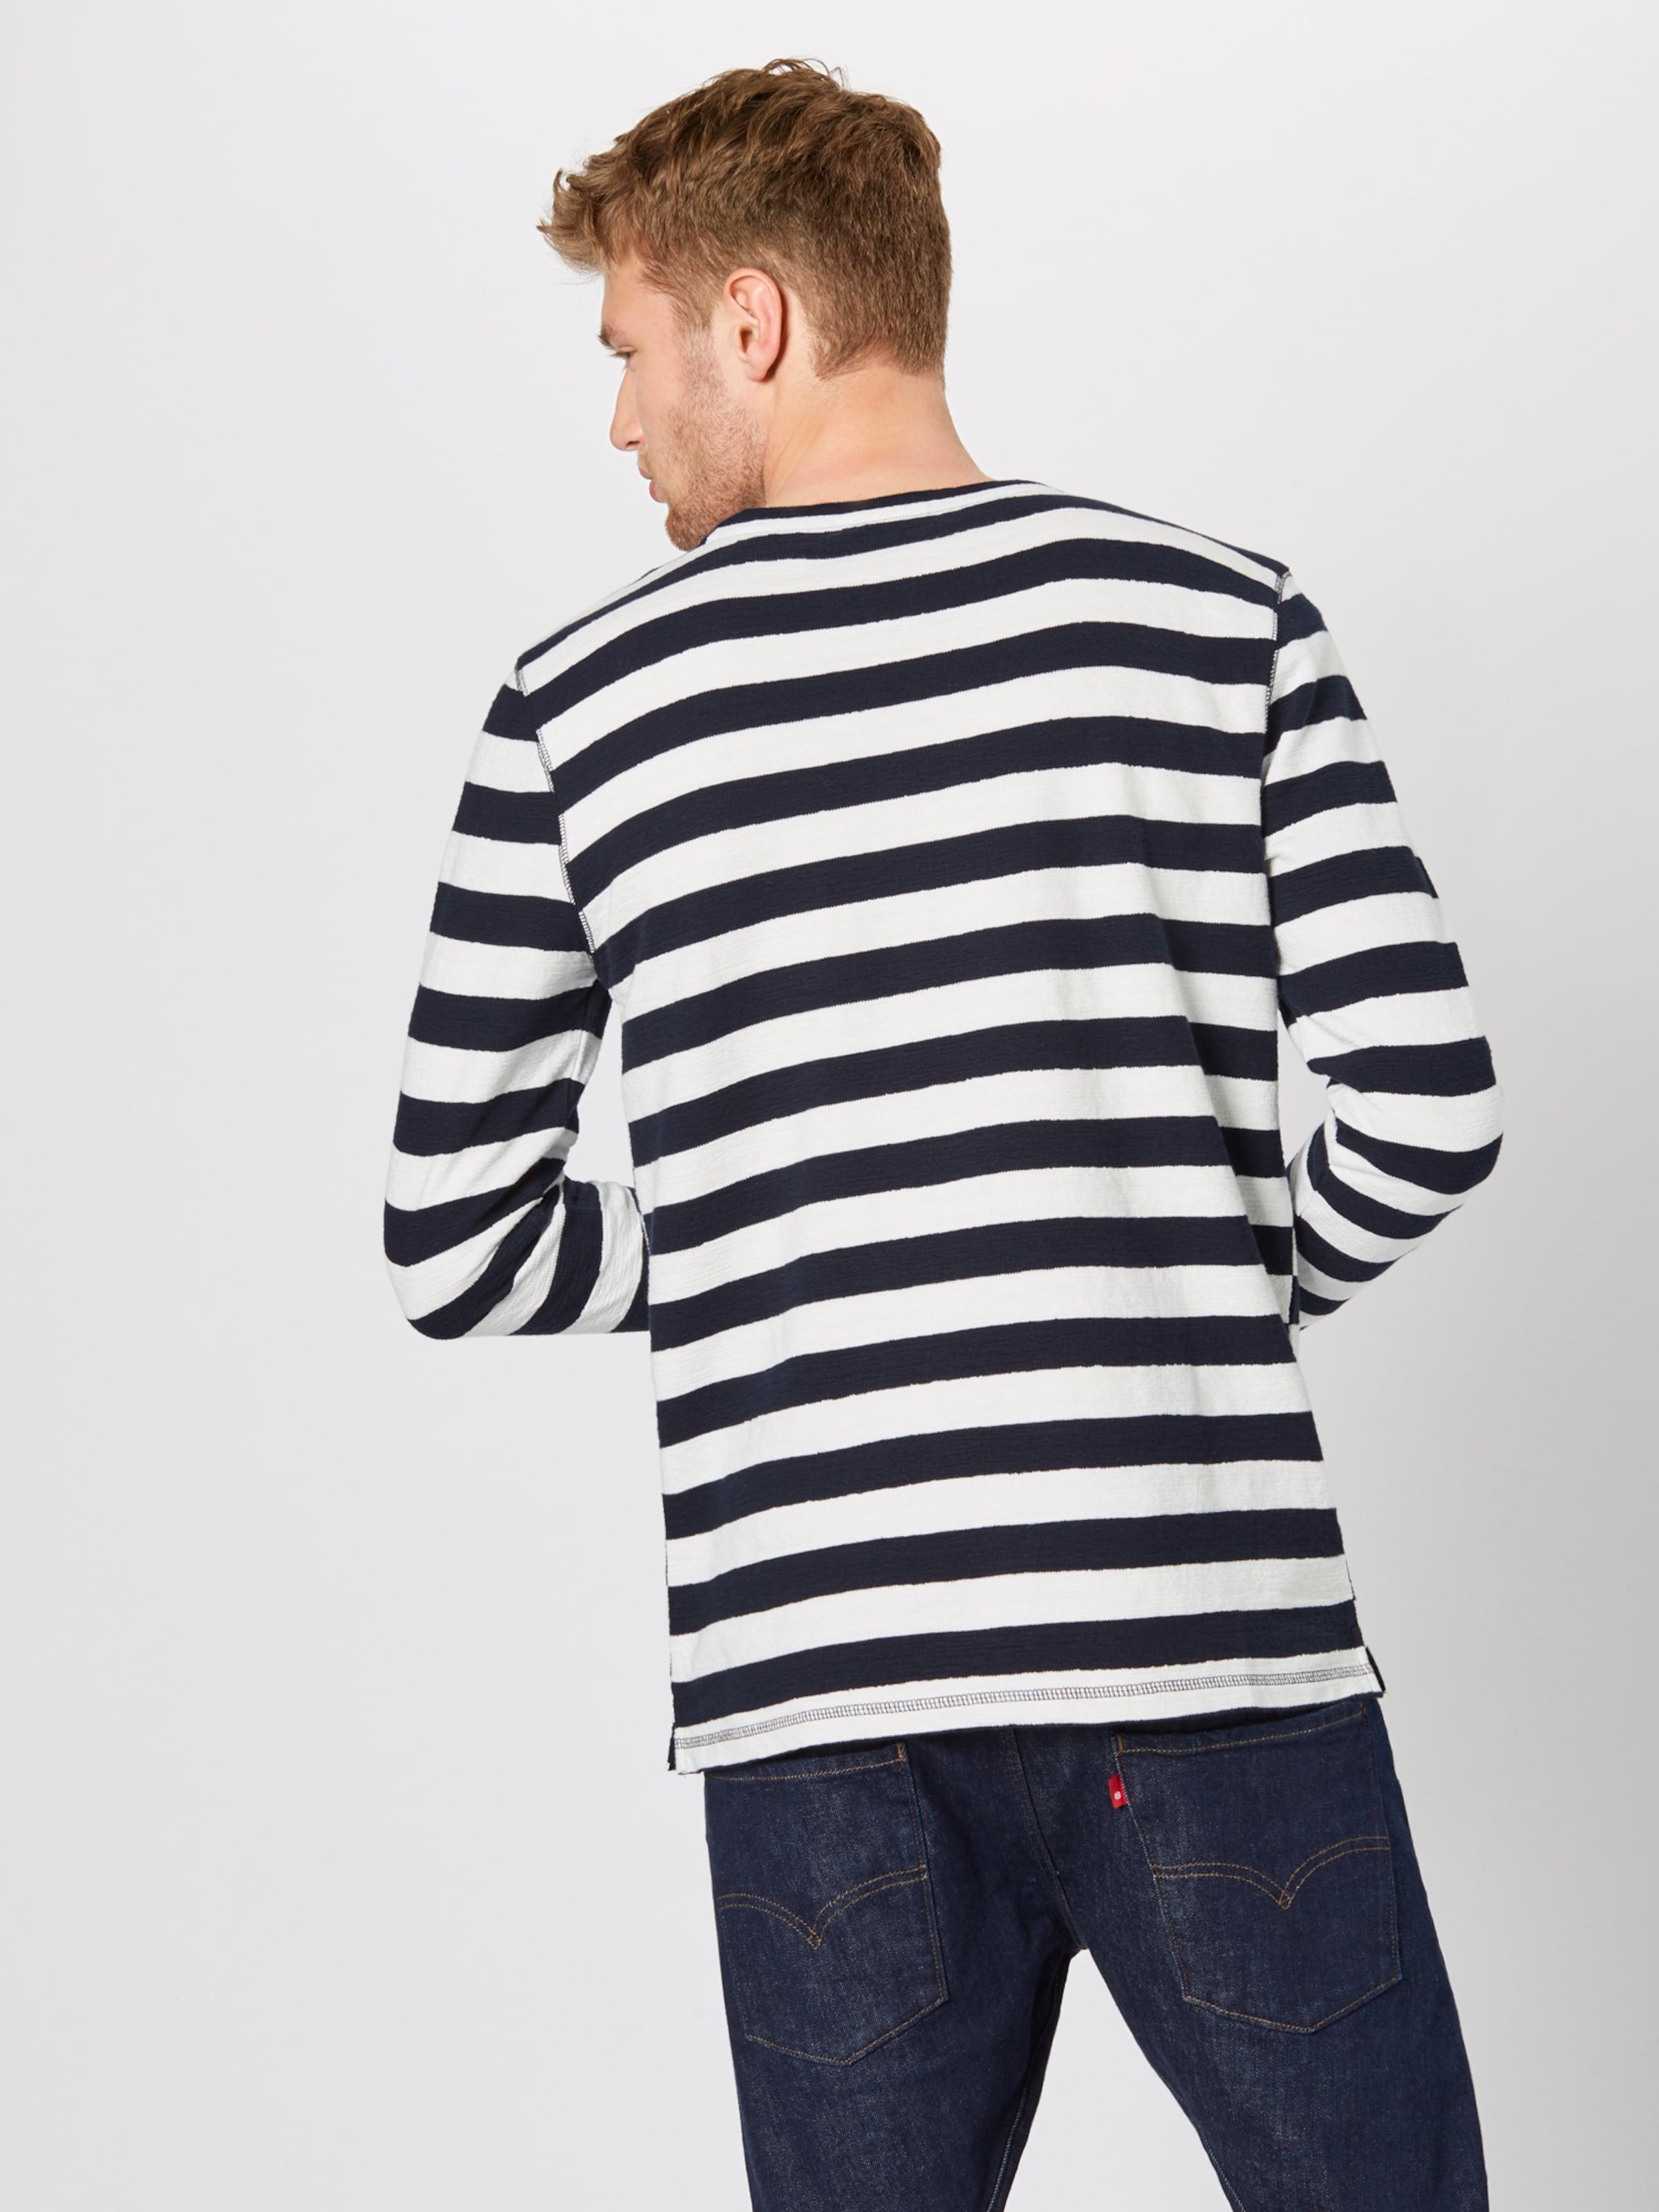 SchwarzWeiß Sweatshirt Marc O'polo In Denim Y7f6ybg